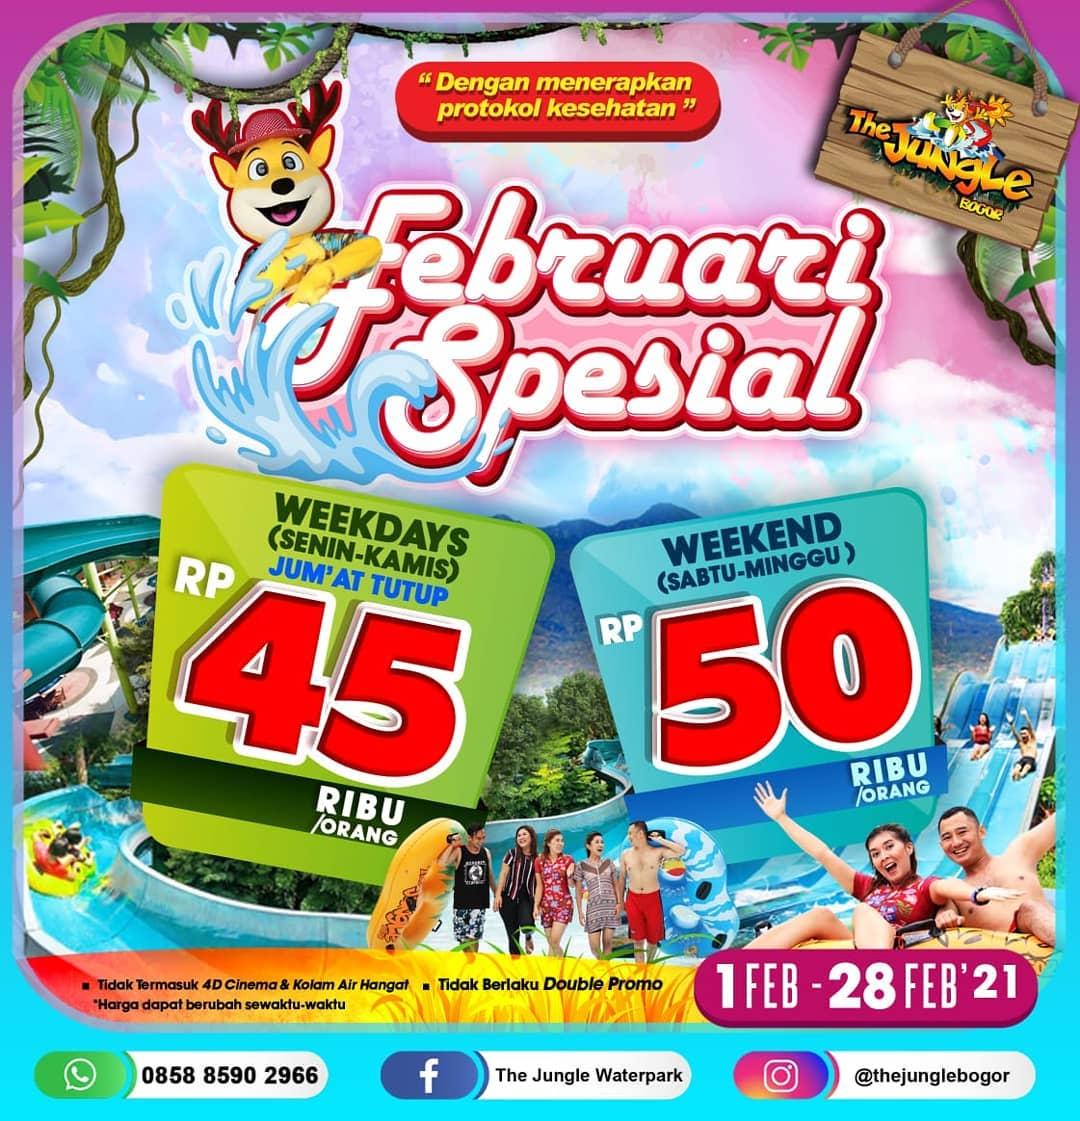 Promo THE JUNGLE FEBRUARY SPECIAL - HARGA SPESIAL TIKET MASUK mulai Rp. 45.000 perorang